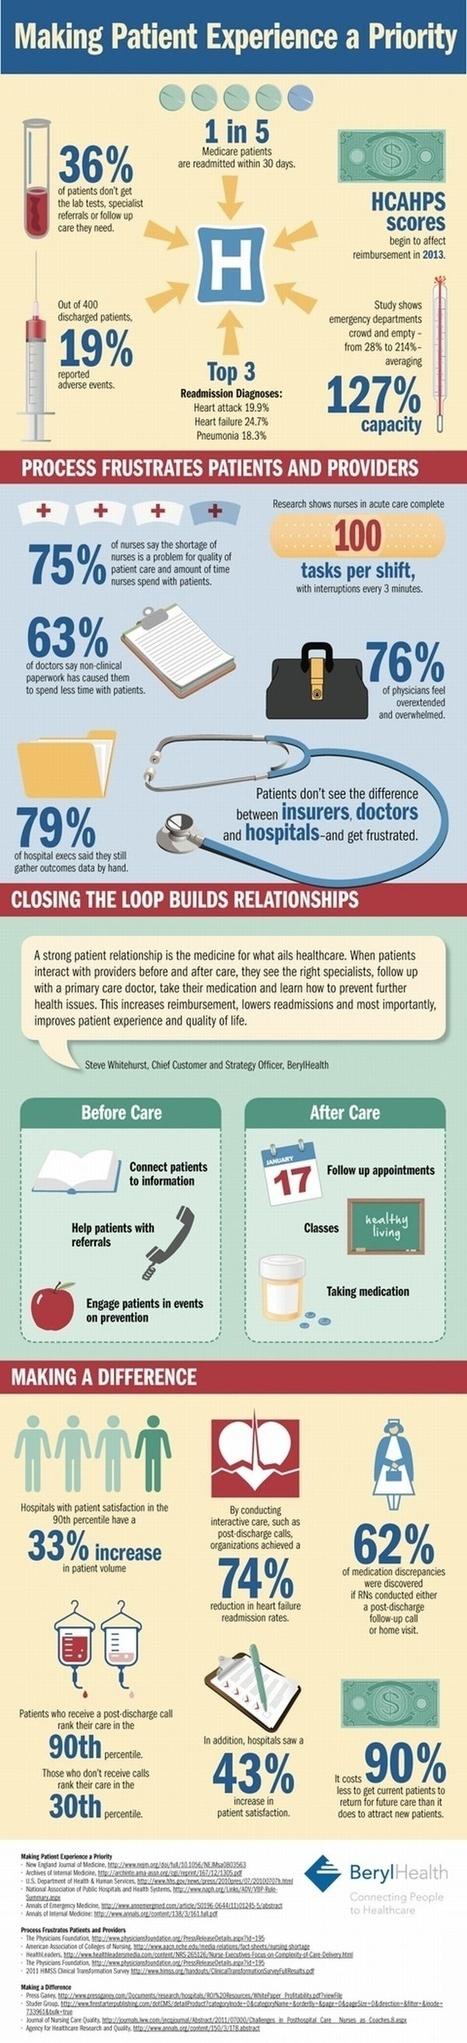 Making the patient experience a priority - Infographic - Pharma Business | De la E santé...à la E pharmacie..y a qu'un pas (en fait plusieurs)... | Scoop.it